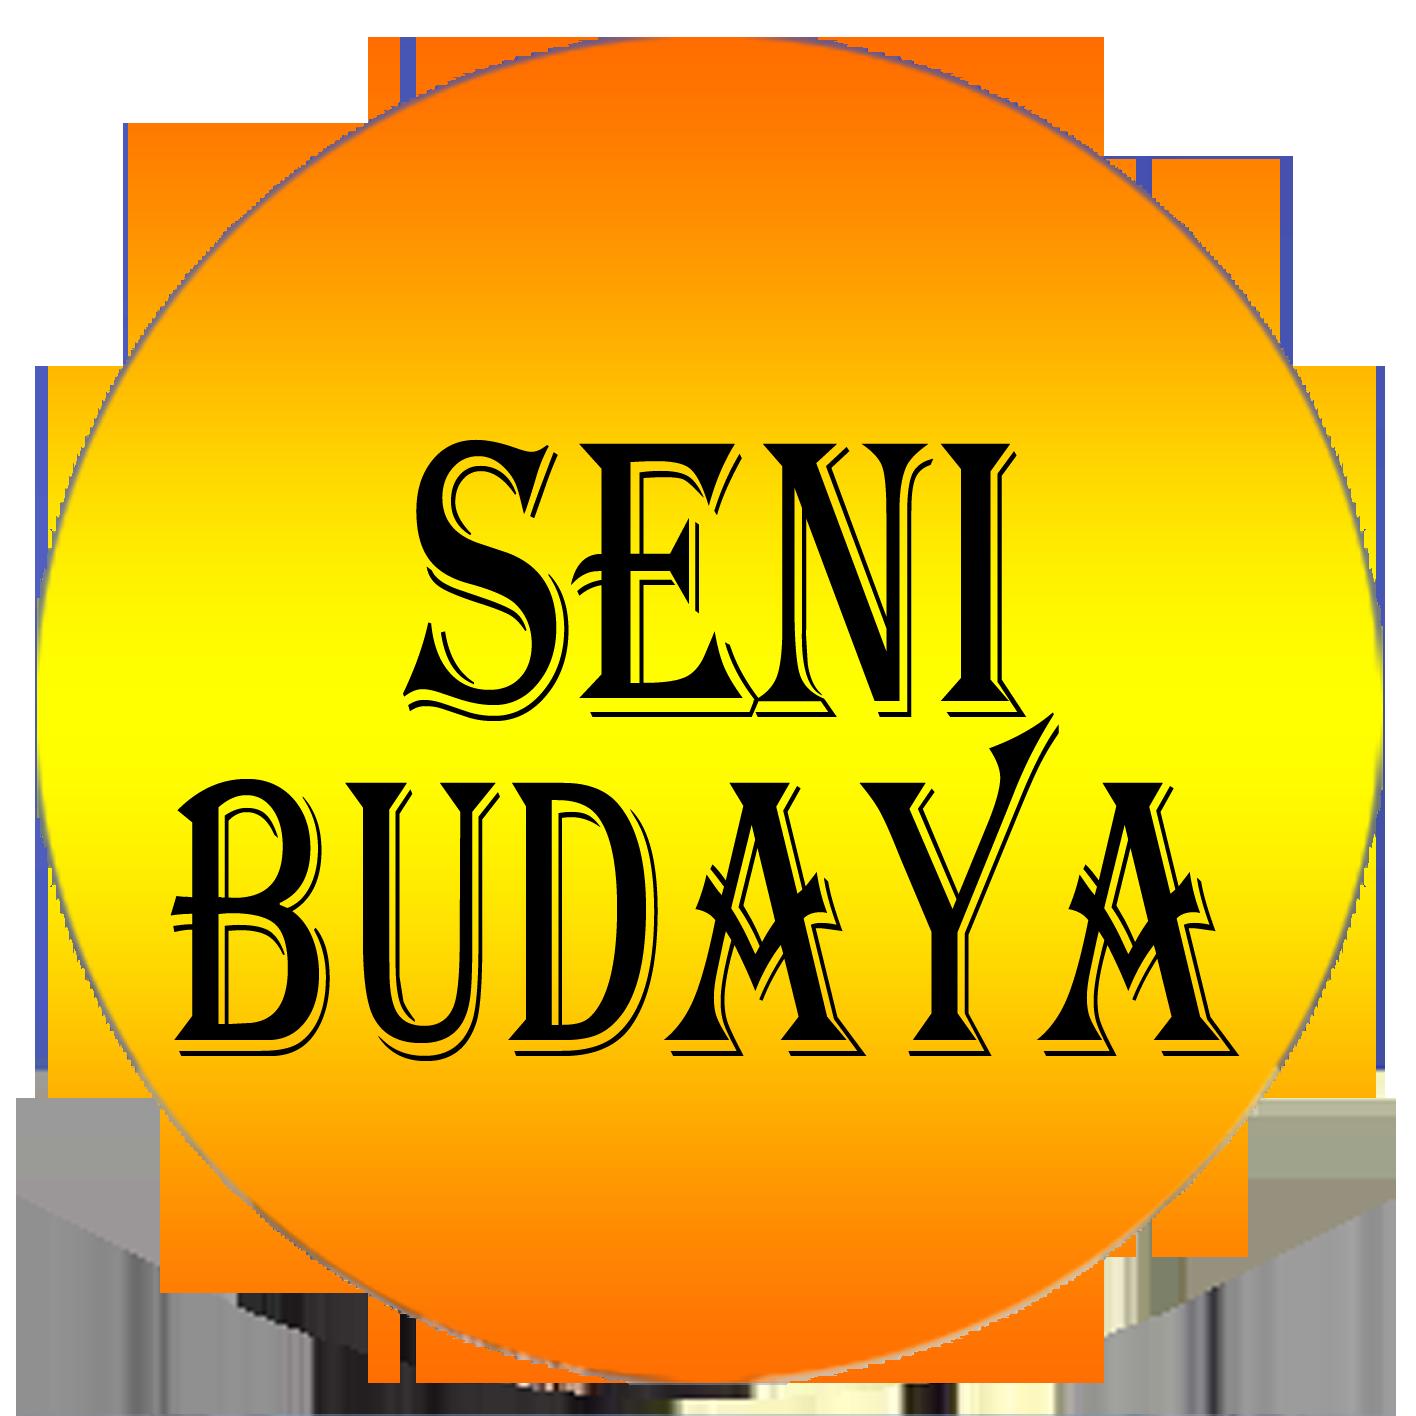 senbud